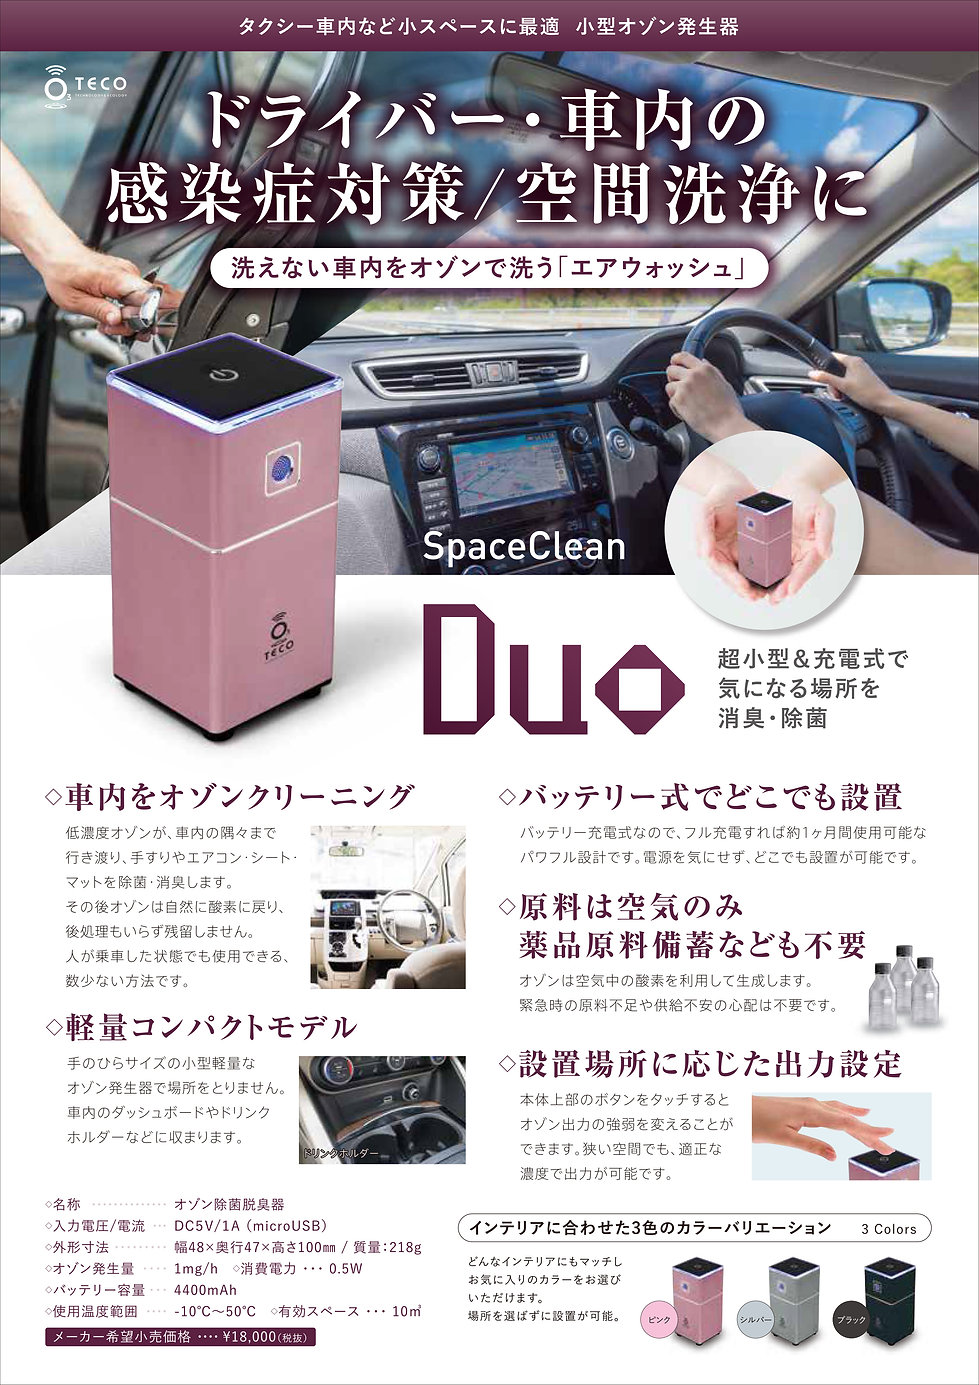 オゾンDUO1.jpg